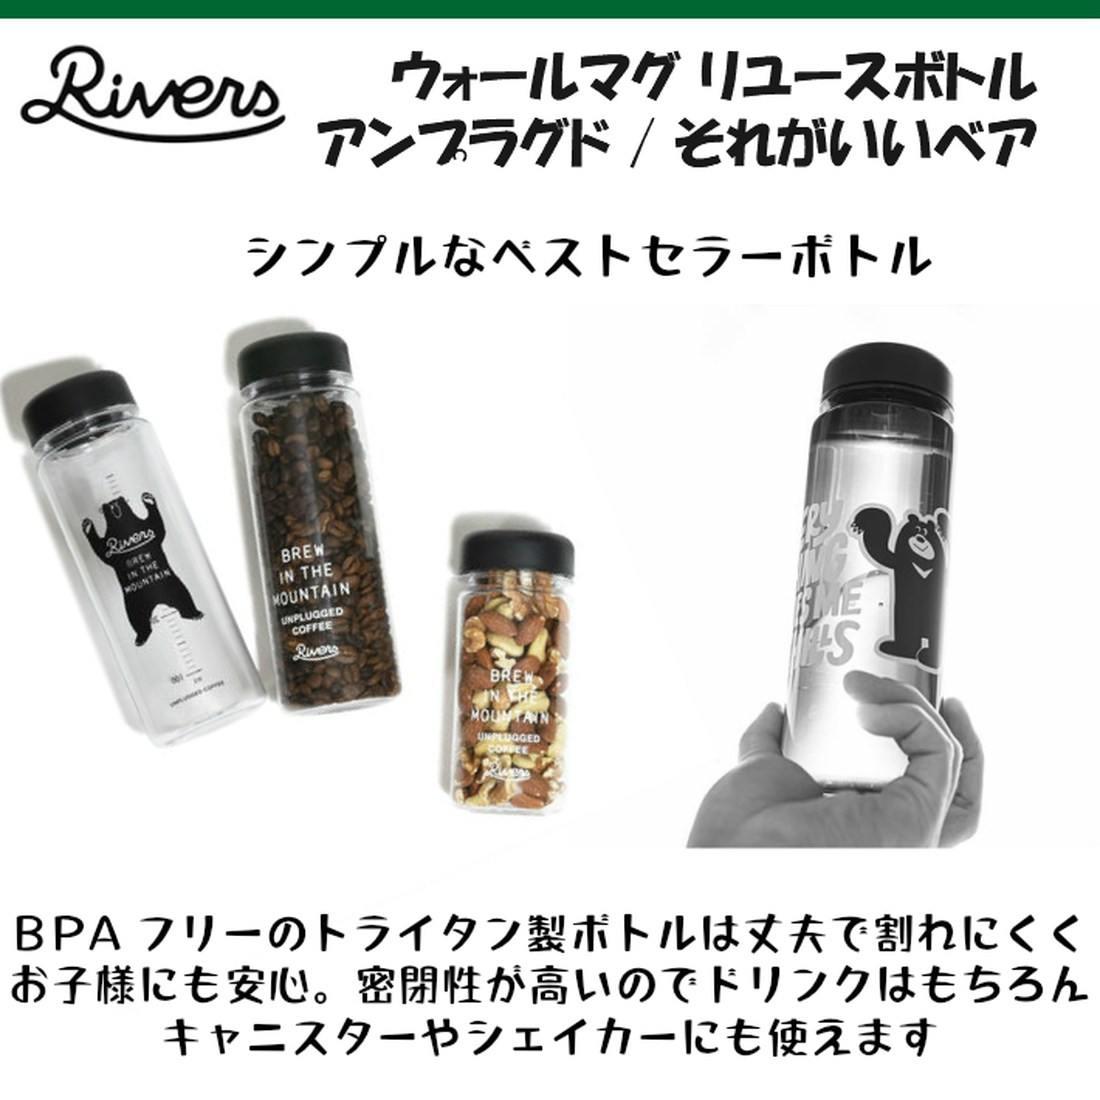 リバーズ リユースボトルS500 それがいい コーヒー豆 ナッツ マグボトル 水筒  国内正規品 SOBBEA